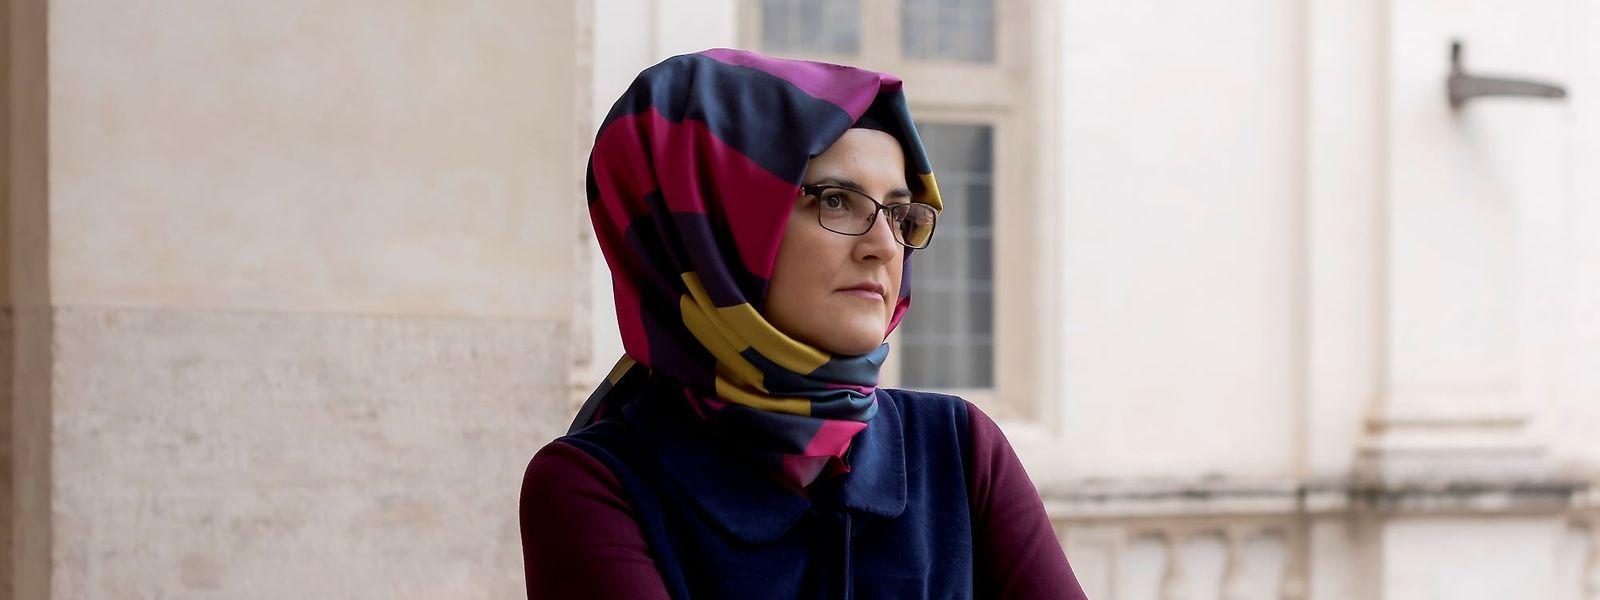 """""""Früher war ich Hatice Cengiz, jetzt bin ich nur noch 'die Verlobte von Khashoggi'. Das klingt wie eine neue Identität, als hätte man mir das Leben doppelt gestohlen"""", so die türkische Wissenschaftlerin."""